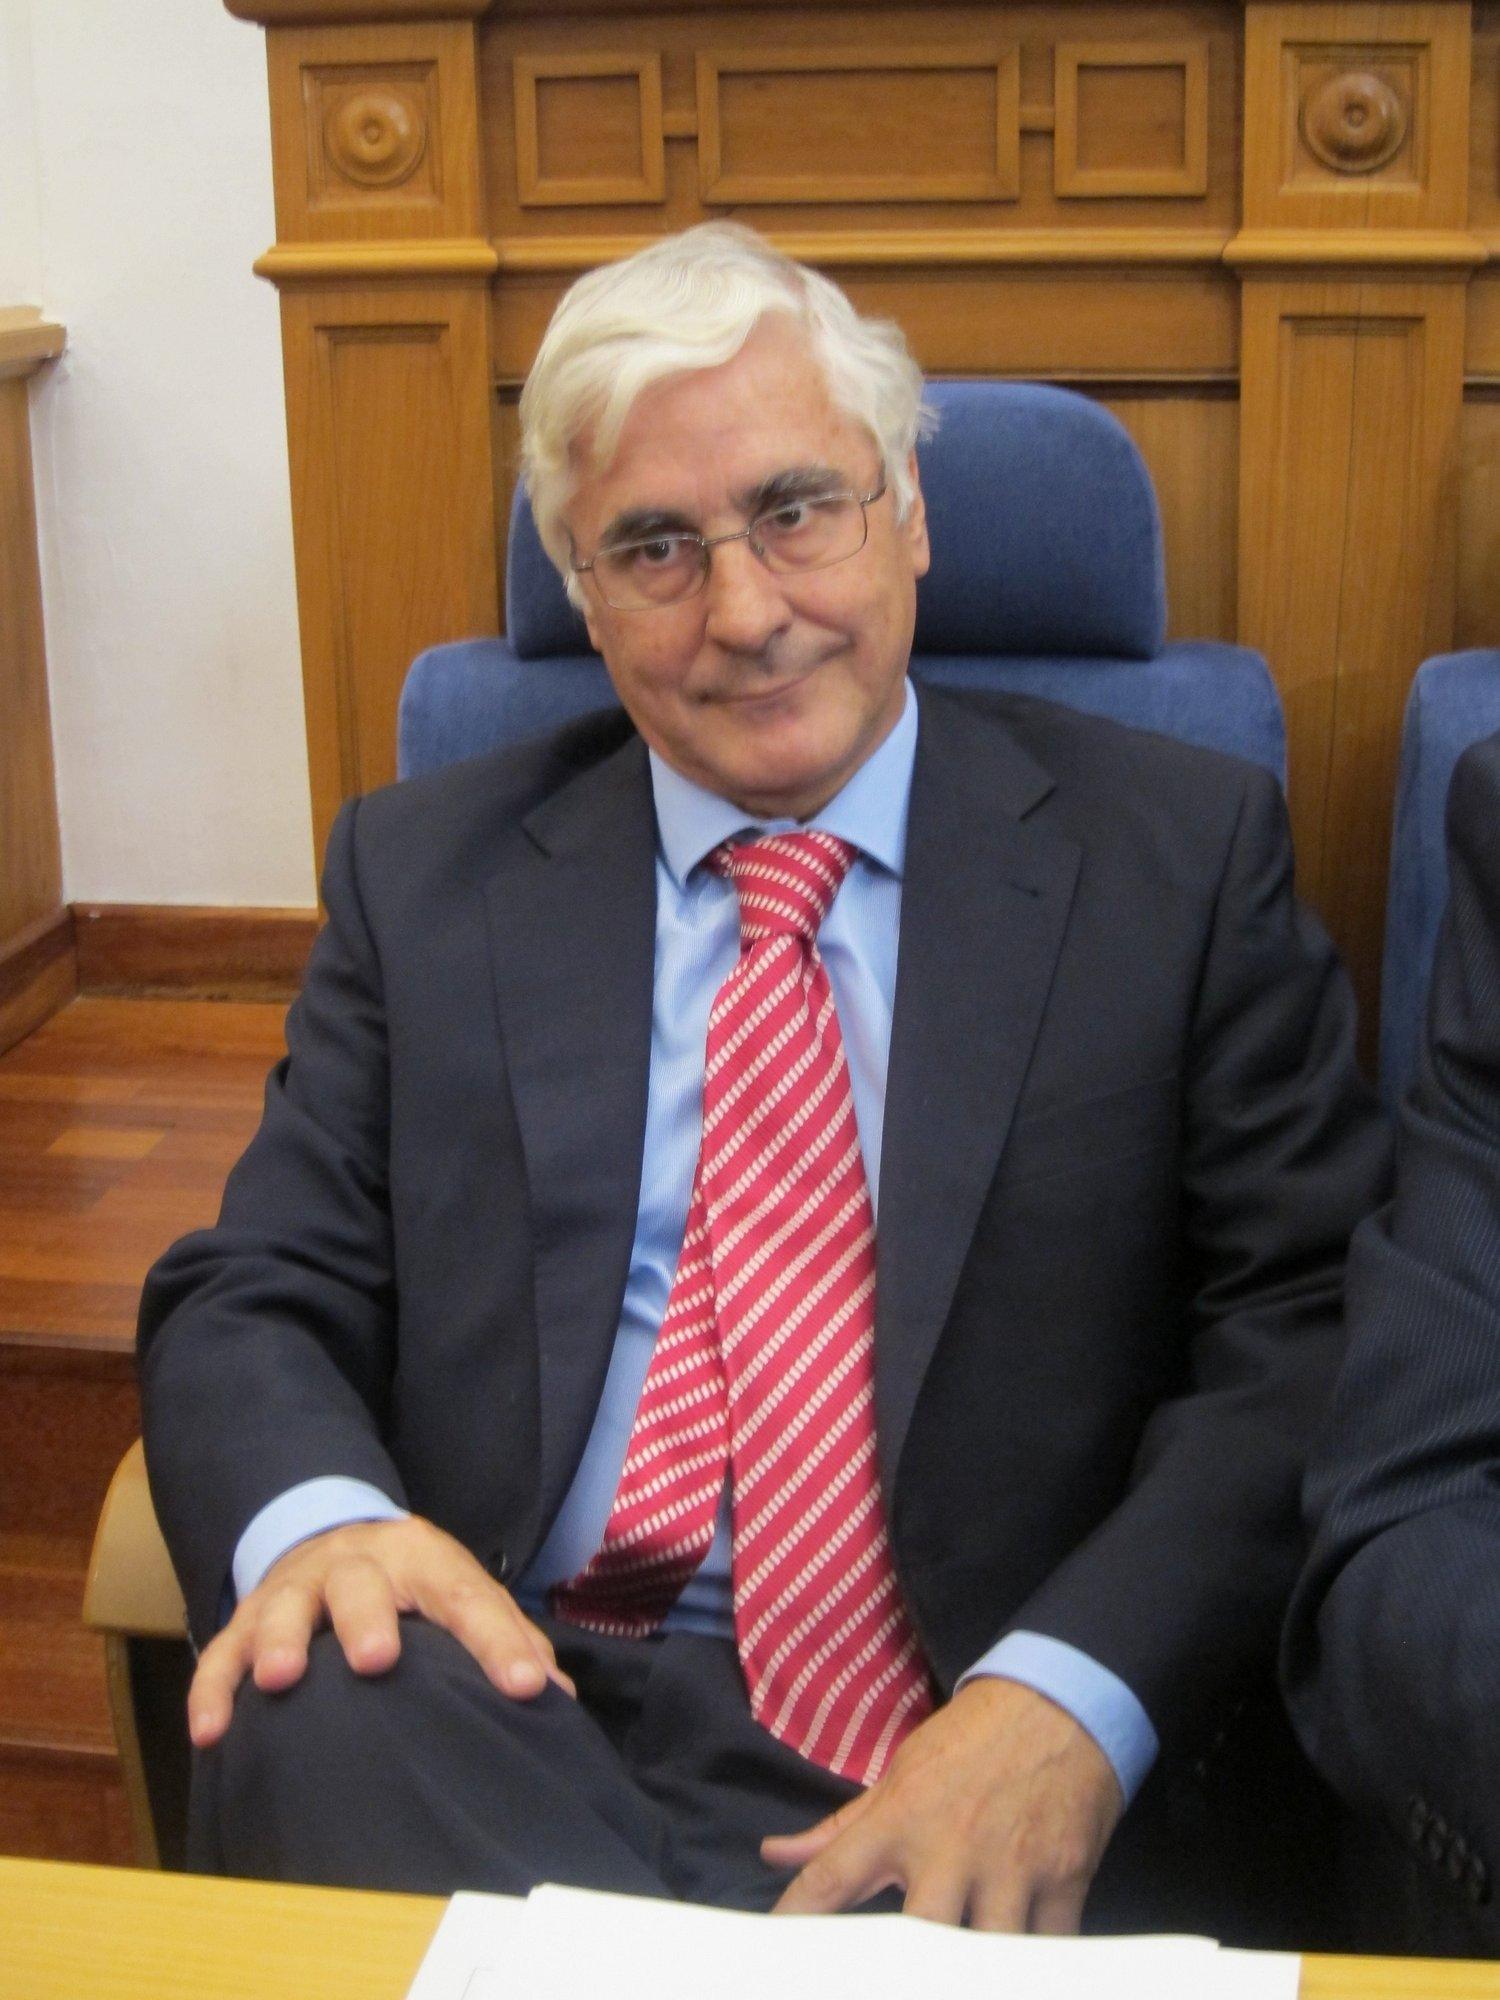 Declarado nulo el acuerdo del Gobierno de Barreda por el que se remitió a Cortes la Ley de Empleo Público